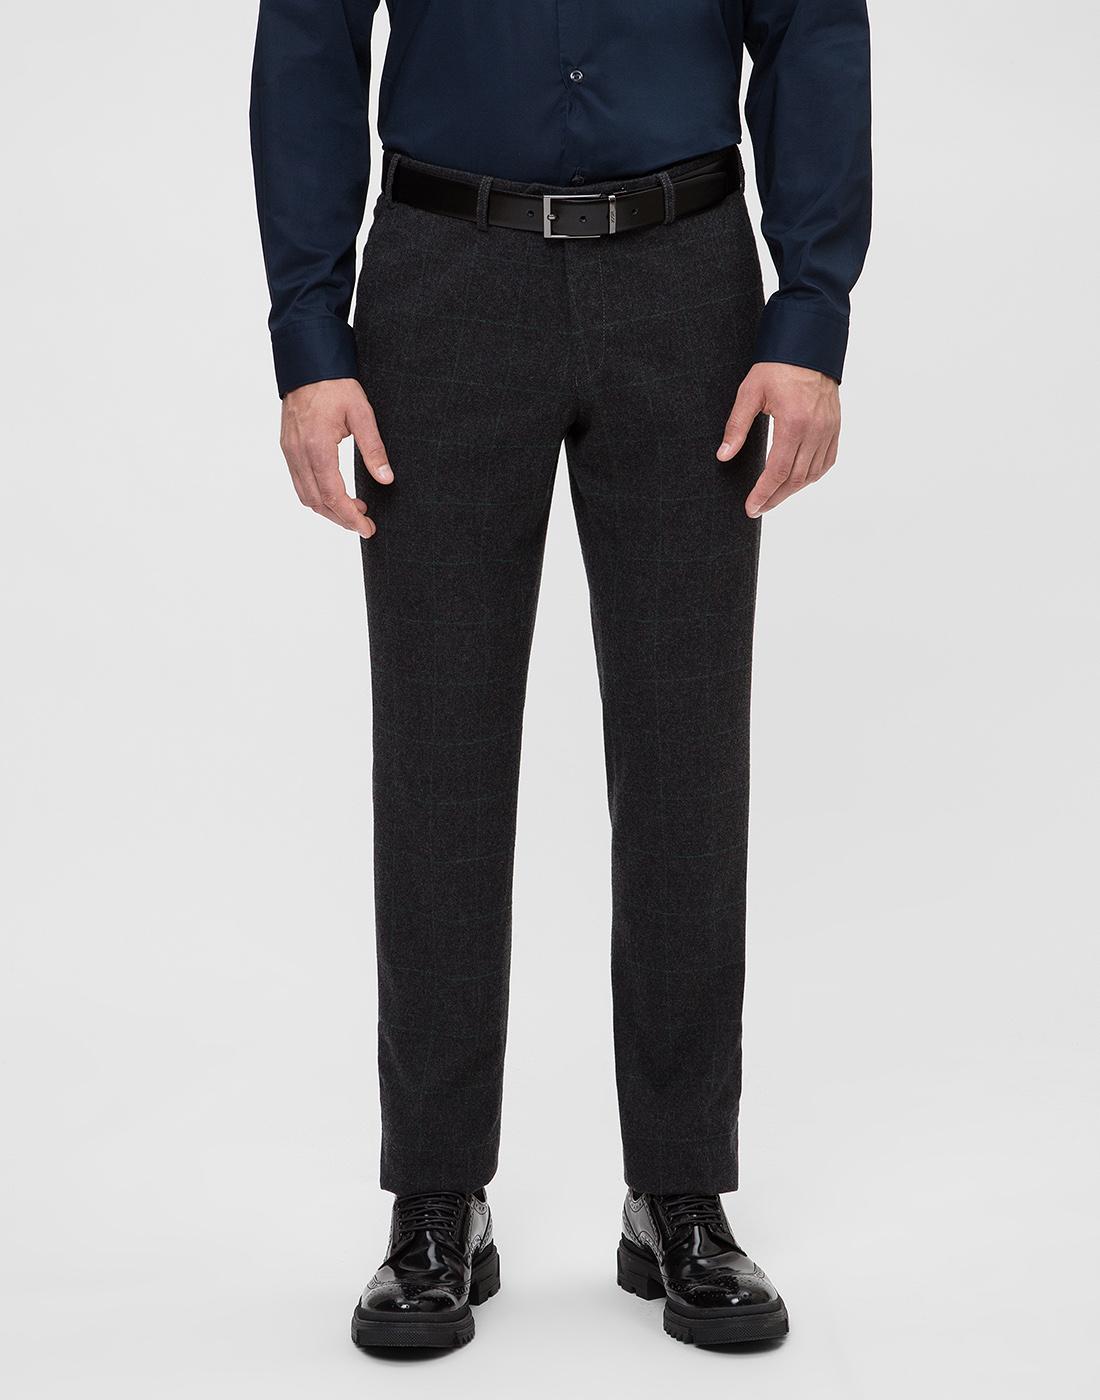 Мужские темно-серые шерстяные брюки в клетку Hiltl  S12331 11 58300-2